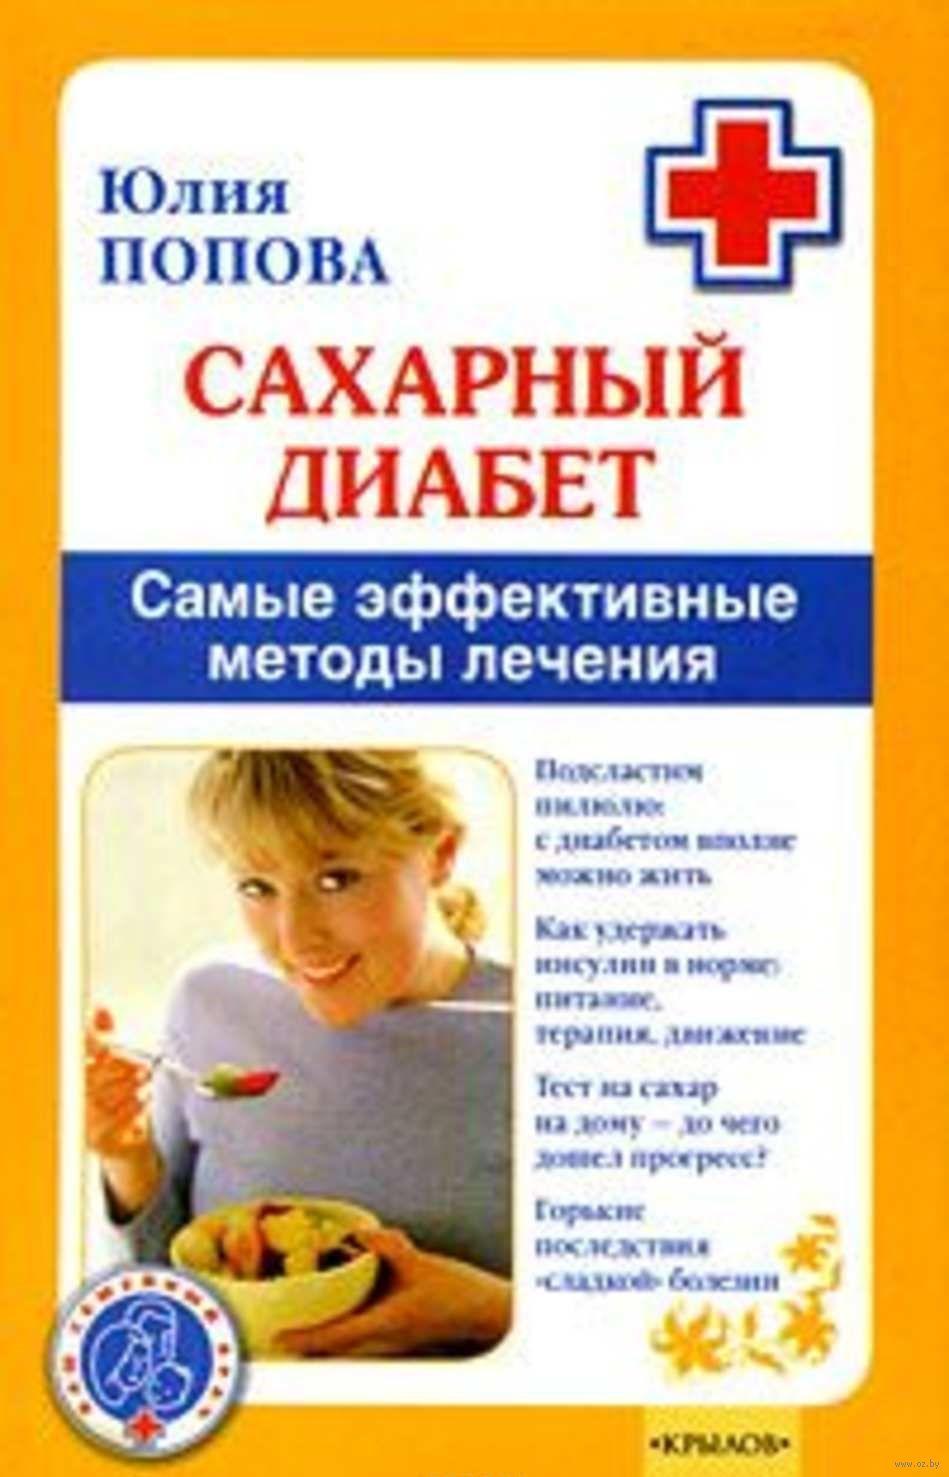 Народный эффективный метод лечения сахарного диабета